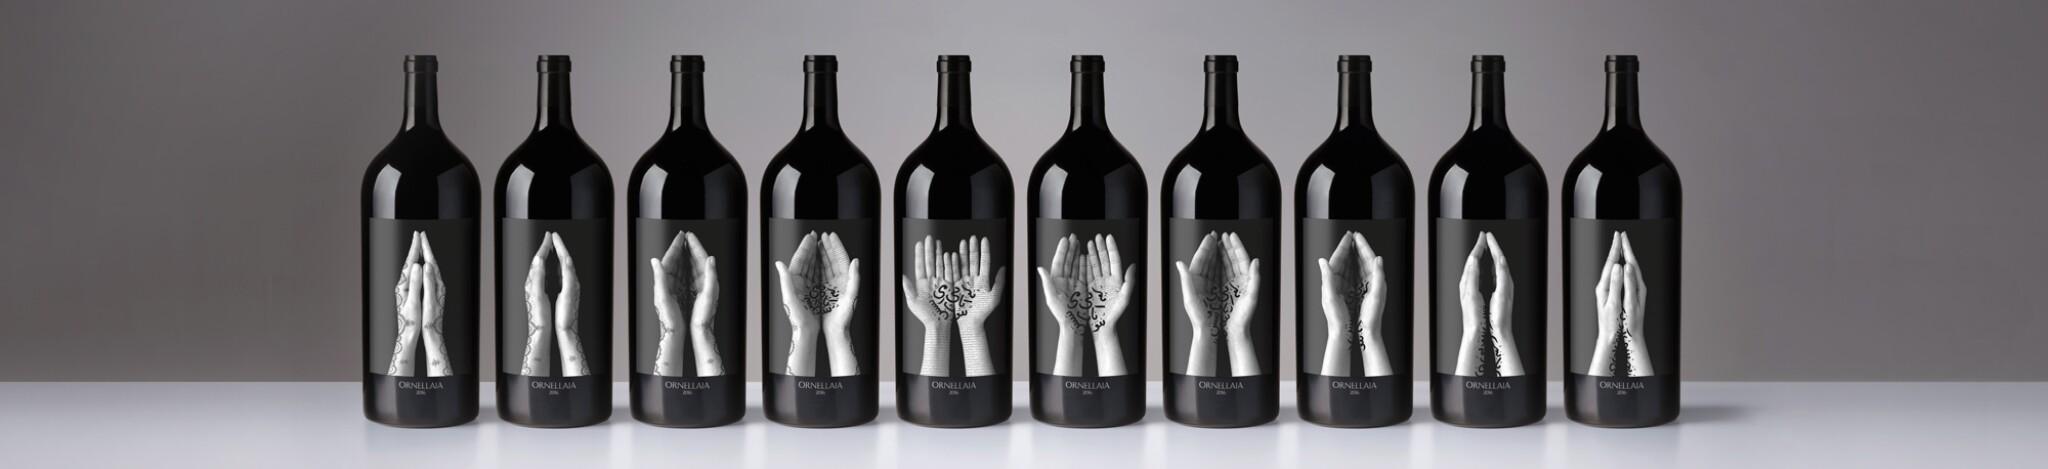 Ornellaia Vendemmia d'Artista 2016 Online   Shirin Neshat